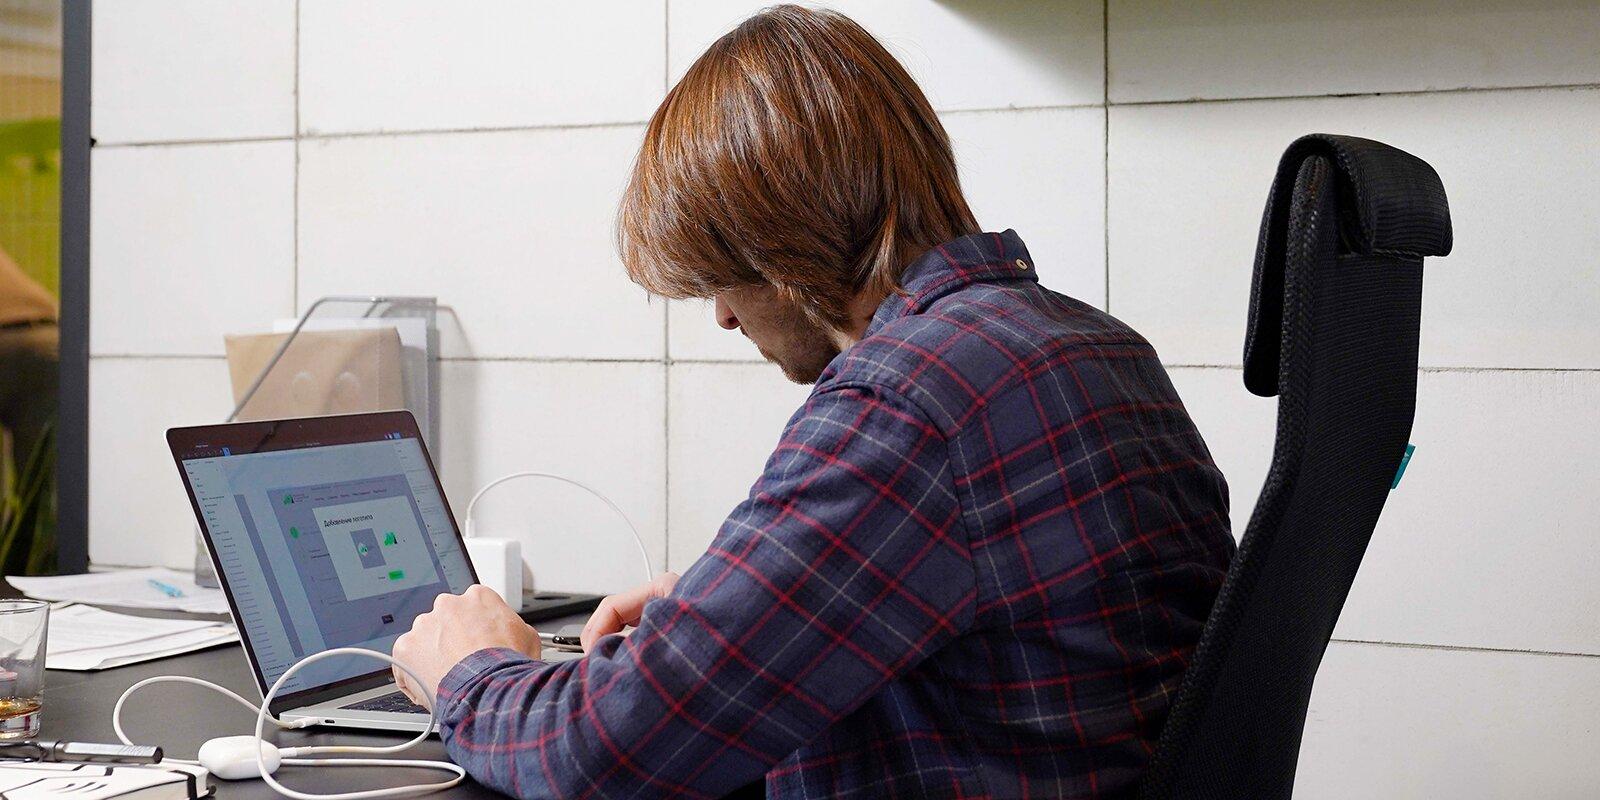 Выпускники программы StartHub.Moscow привлекли 580 миллионов рублей от инвесторов. Фото: сайт мэра Москвы